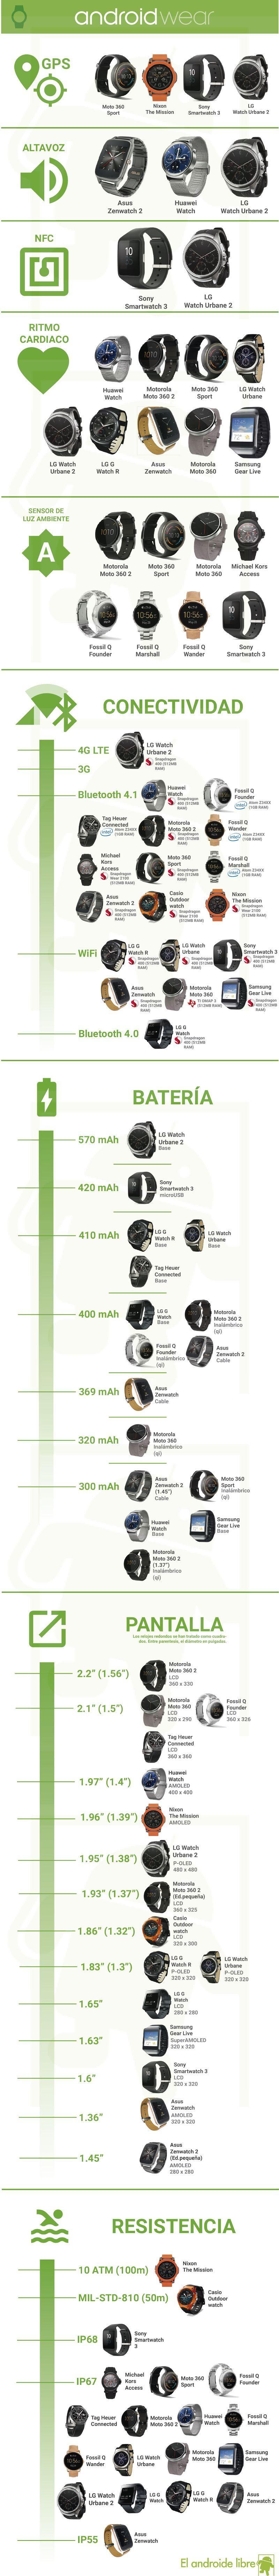 Comparativa de todos los smartwatches con Android Wear